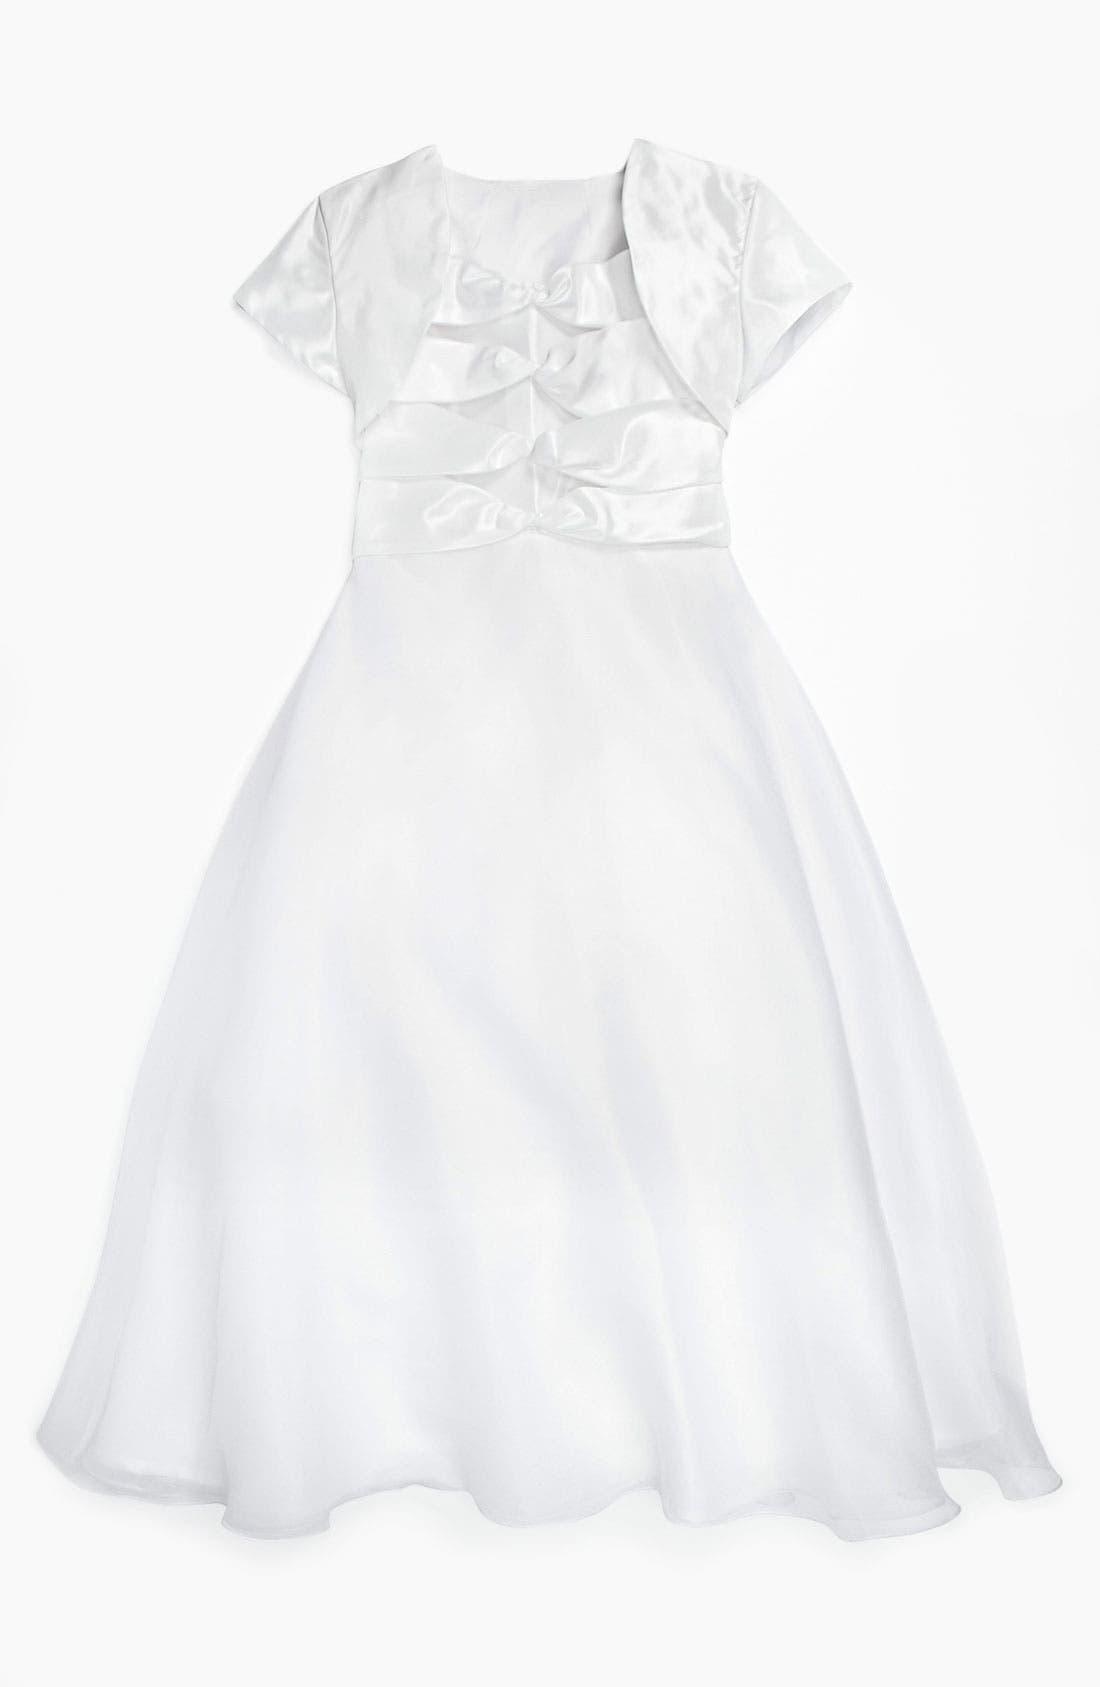 Alternate Image 3  - Joan Calabrese for Mon Cheri Taffeta Dress & Bolero (Little Girls & Big Girls)